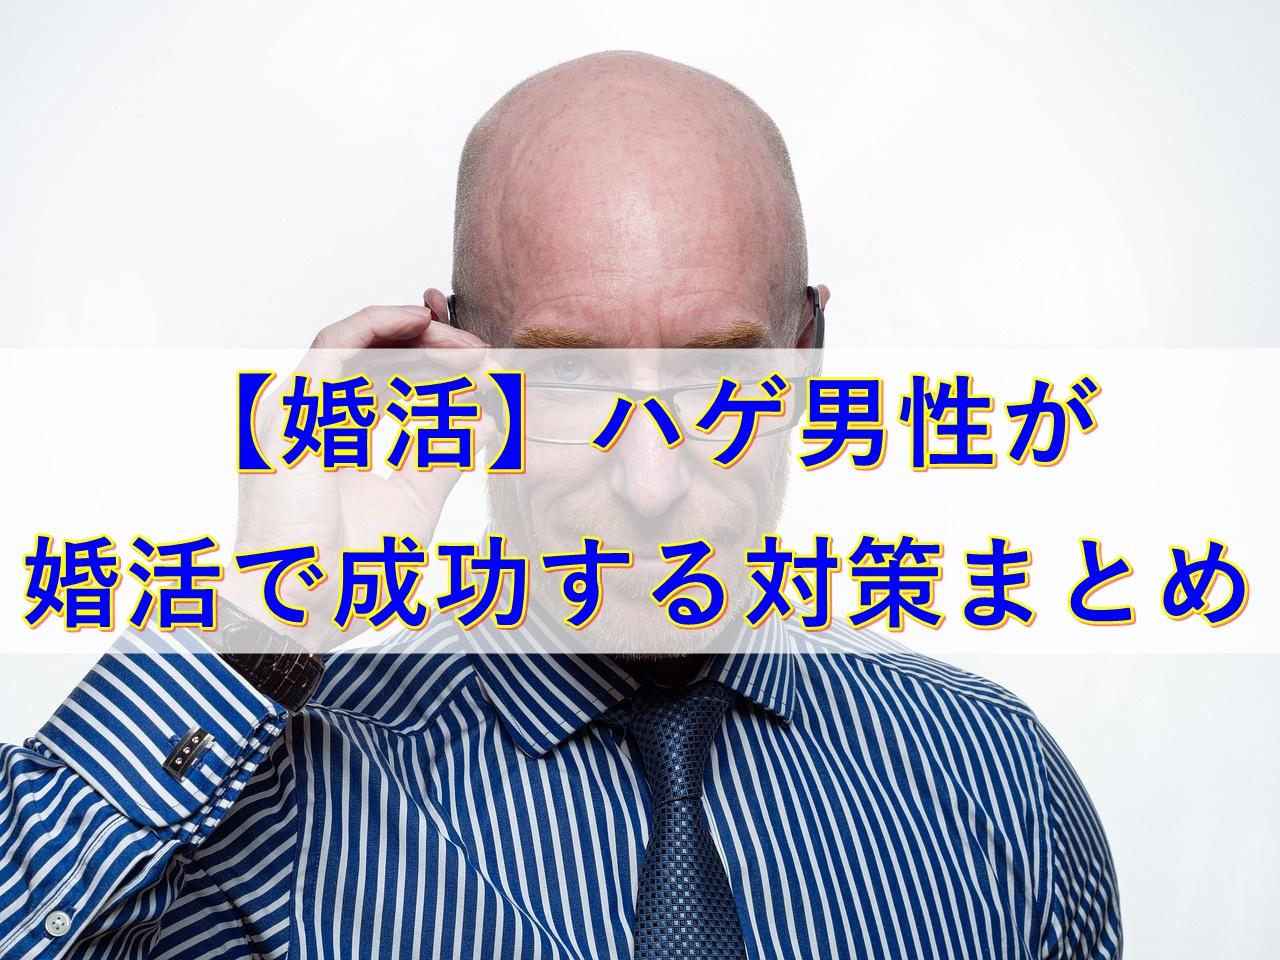 【婚活】ハゲ男性が婚活で成功する対策まとめ